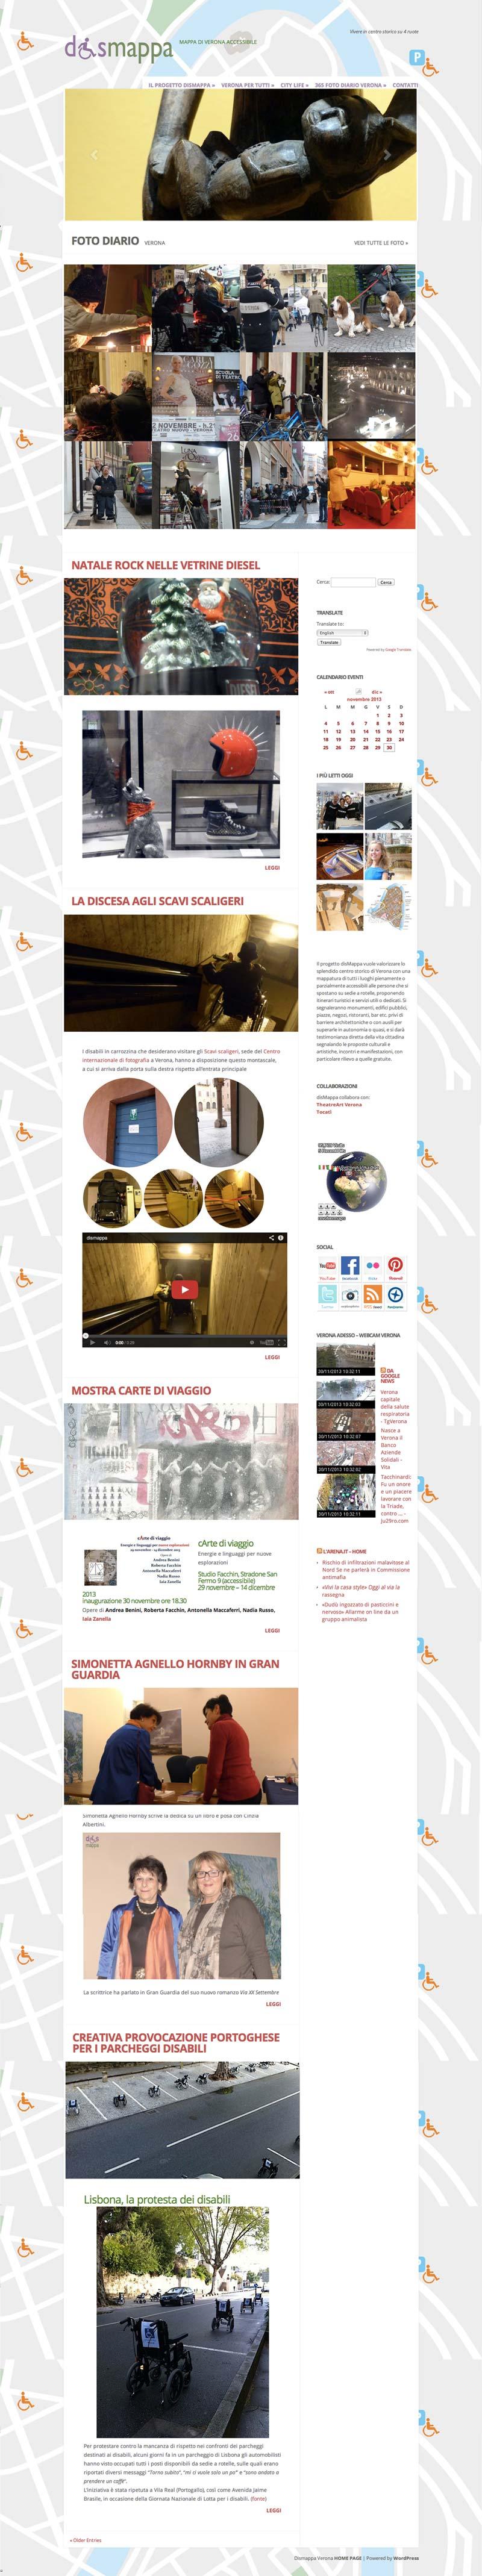 dismappa-grafica-layout-theme-sito-2012-2013